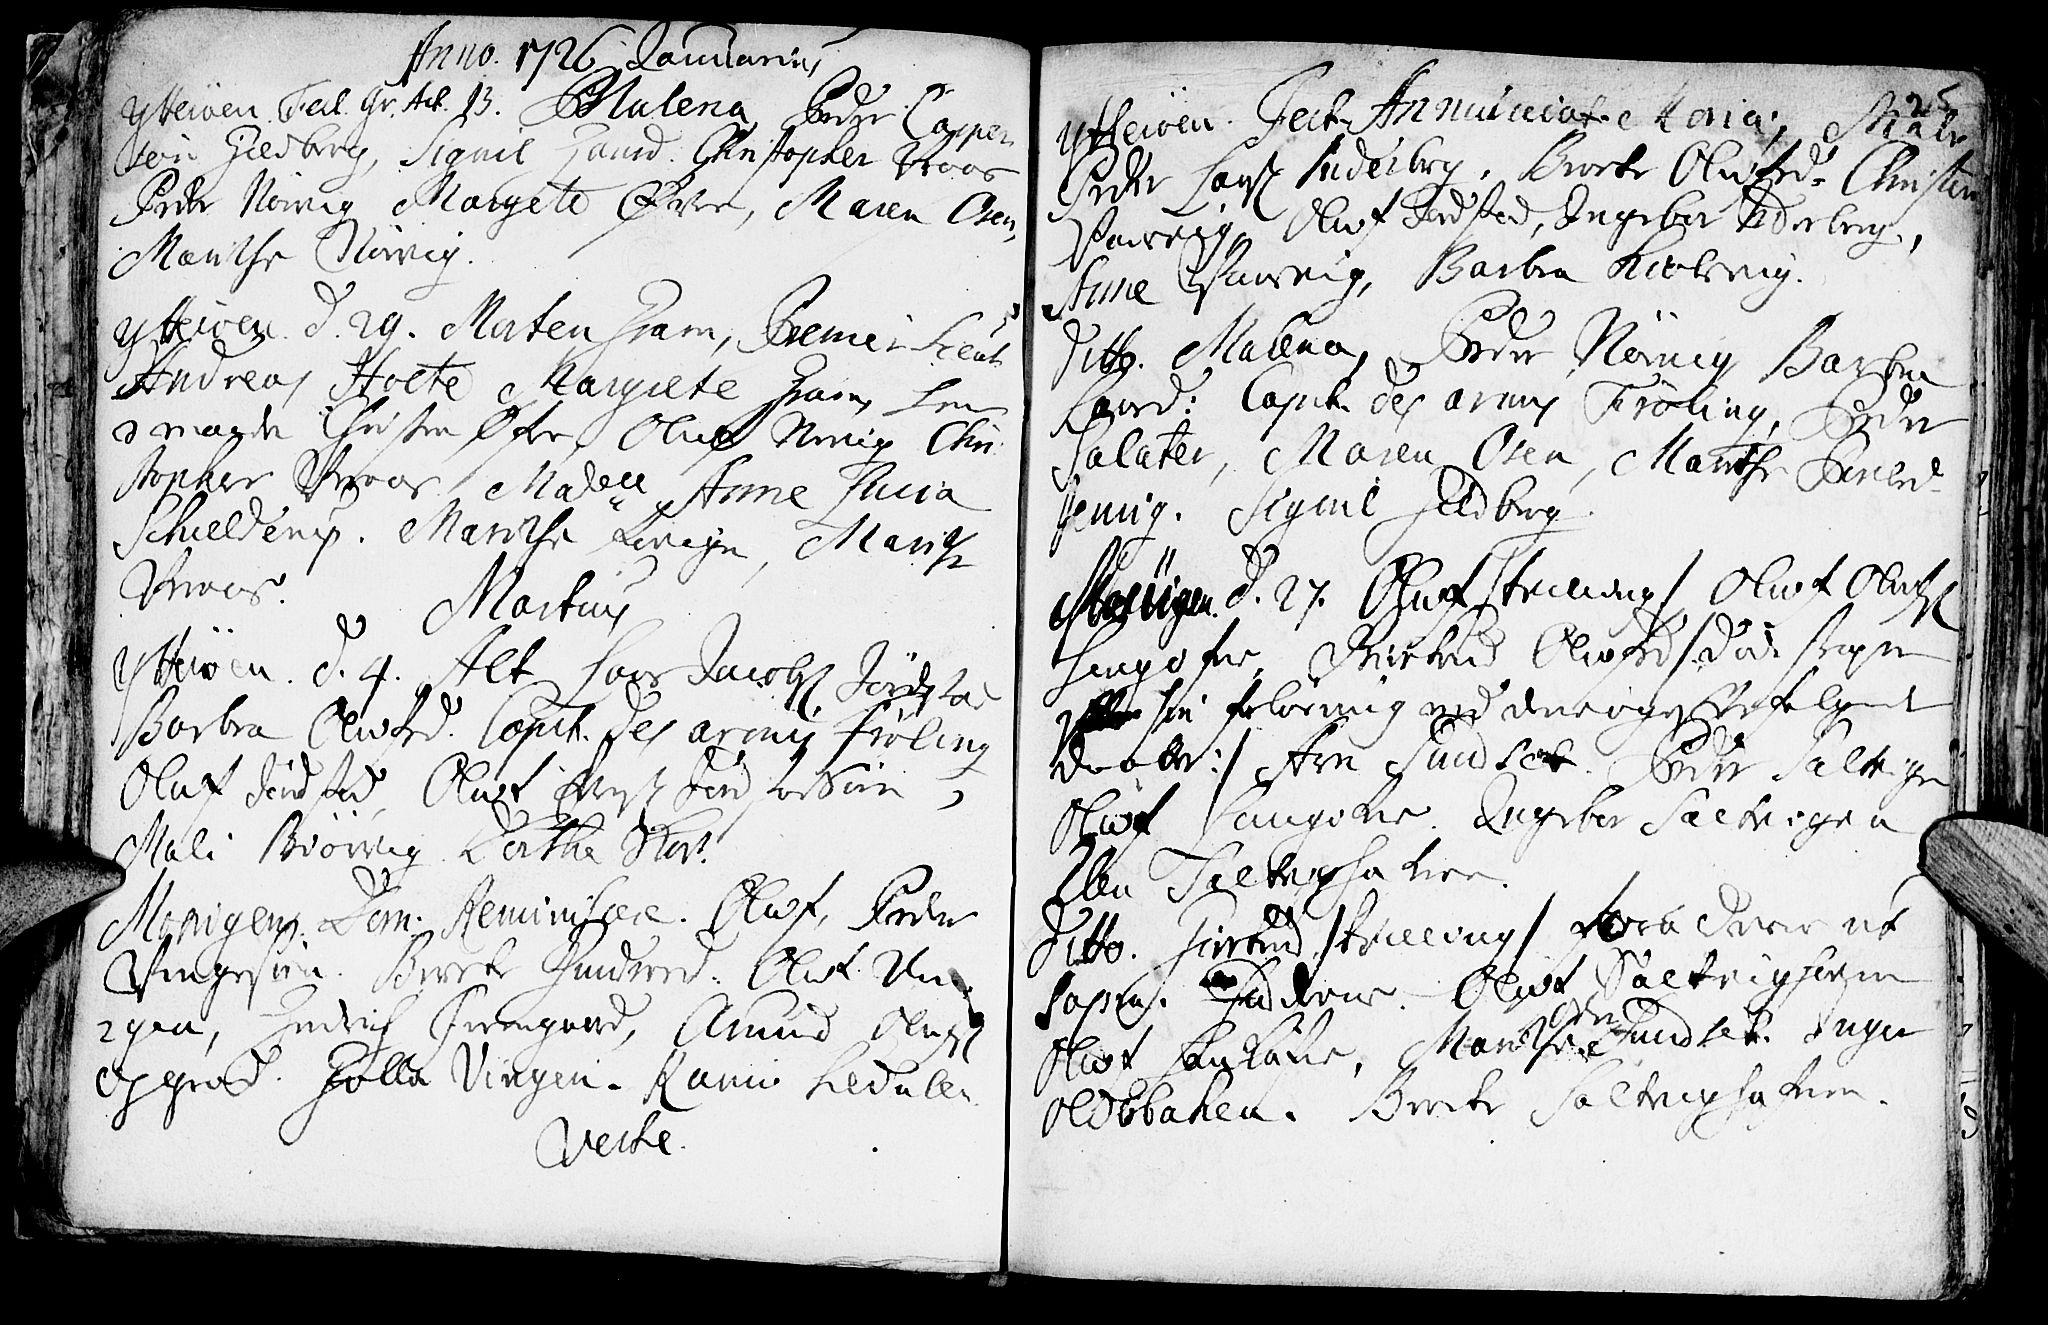 SAT, Ministerialprotokoller, klokkerbøker og fødselsregistre - Nord-Trøndelag, 722/L0215: Ministerialbok nr. 722A02, 1718-1755, s. 25